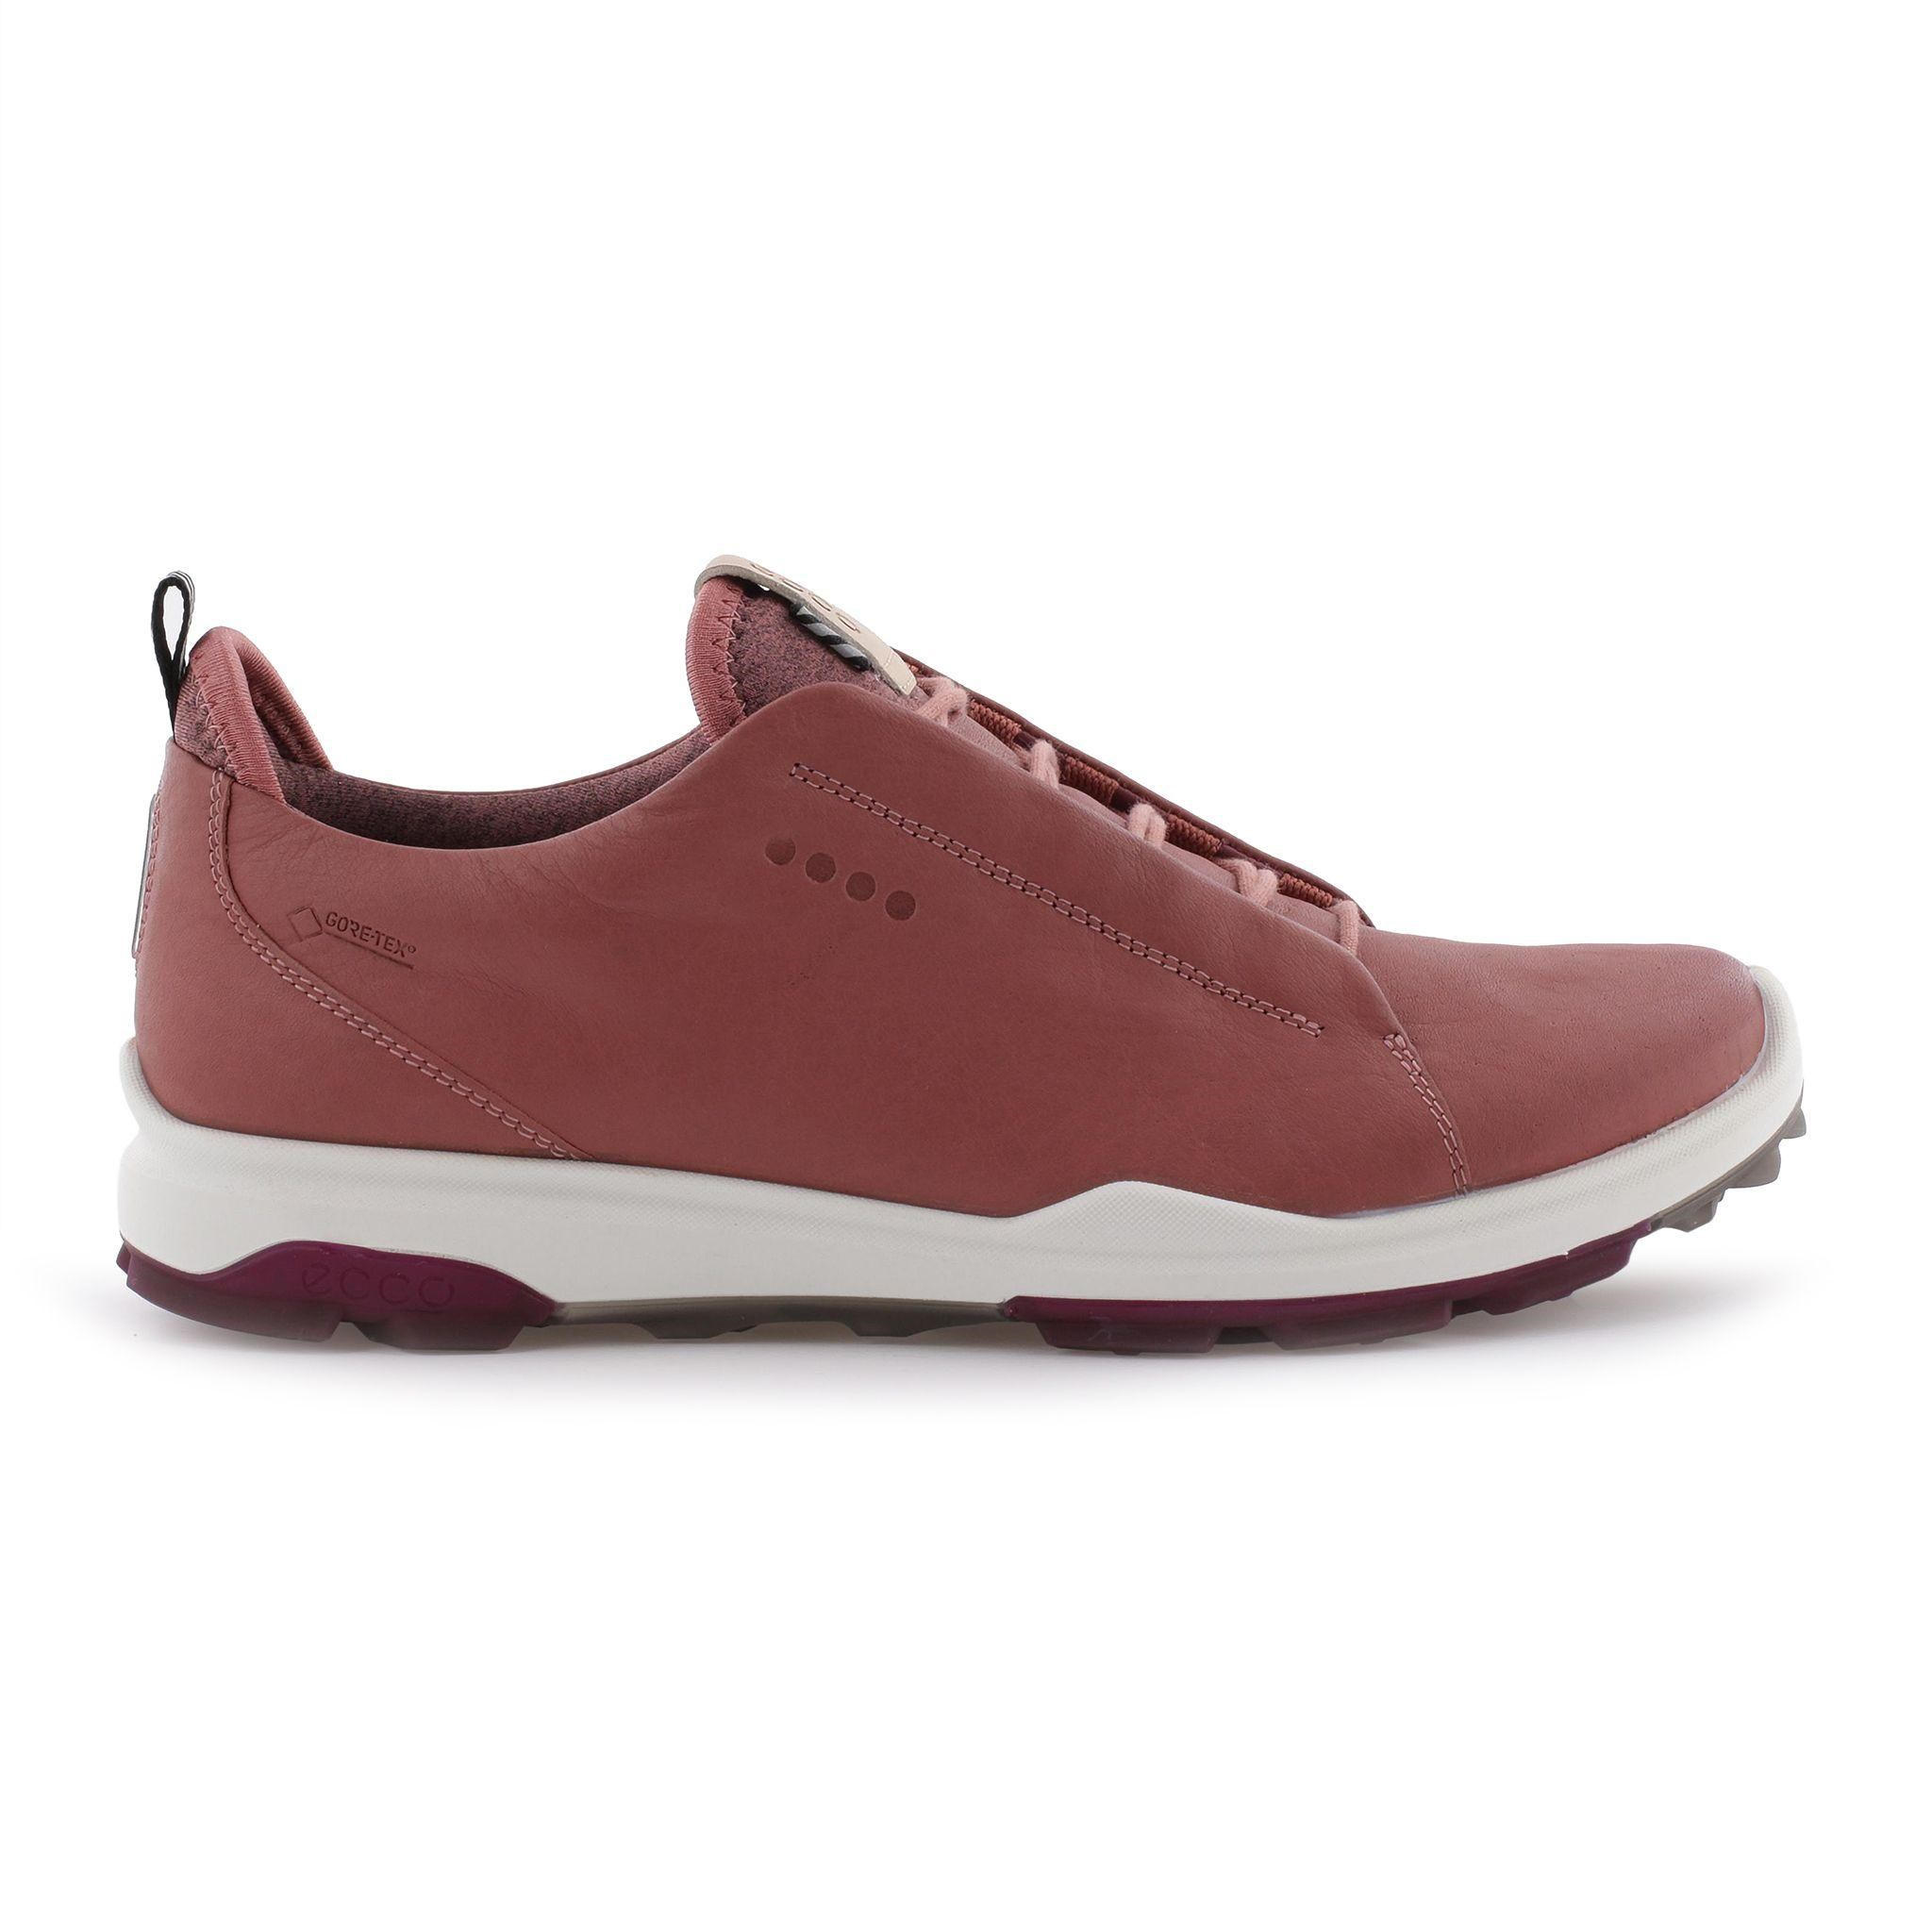 9f75af97bf ECCO WOMEN'S BIOM Hybrid 3 GOLF Shoes Petal - O'Dwyers Golf Store